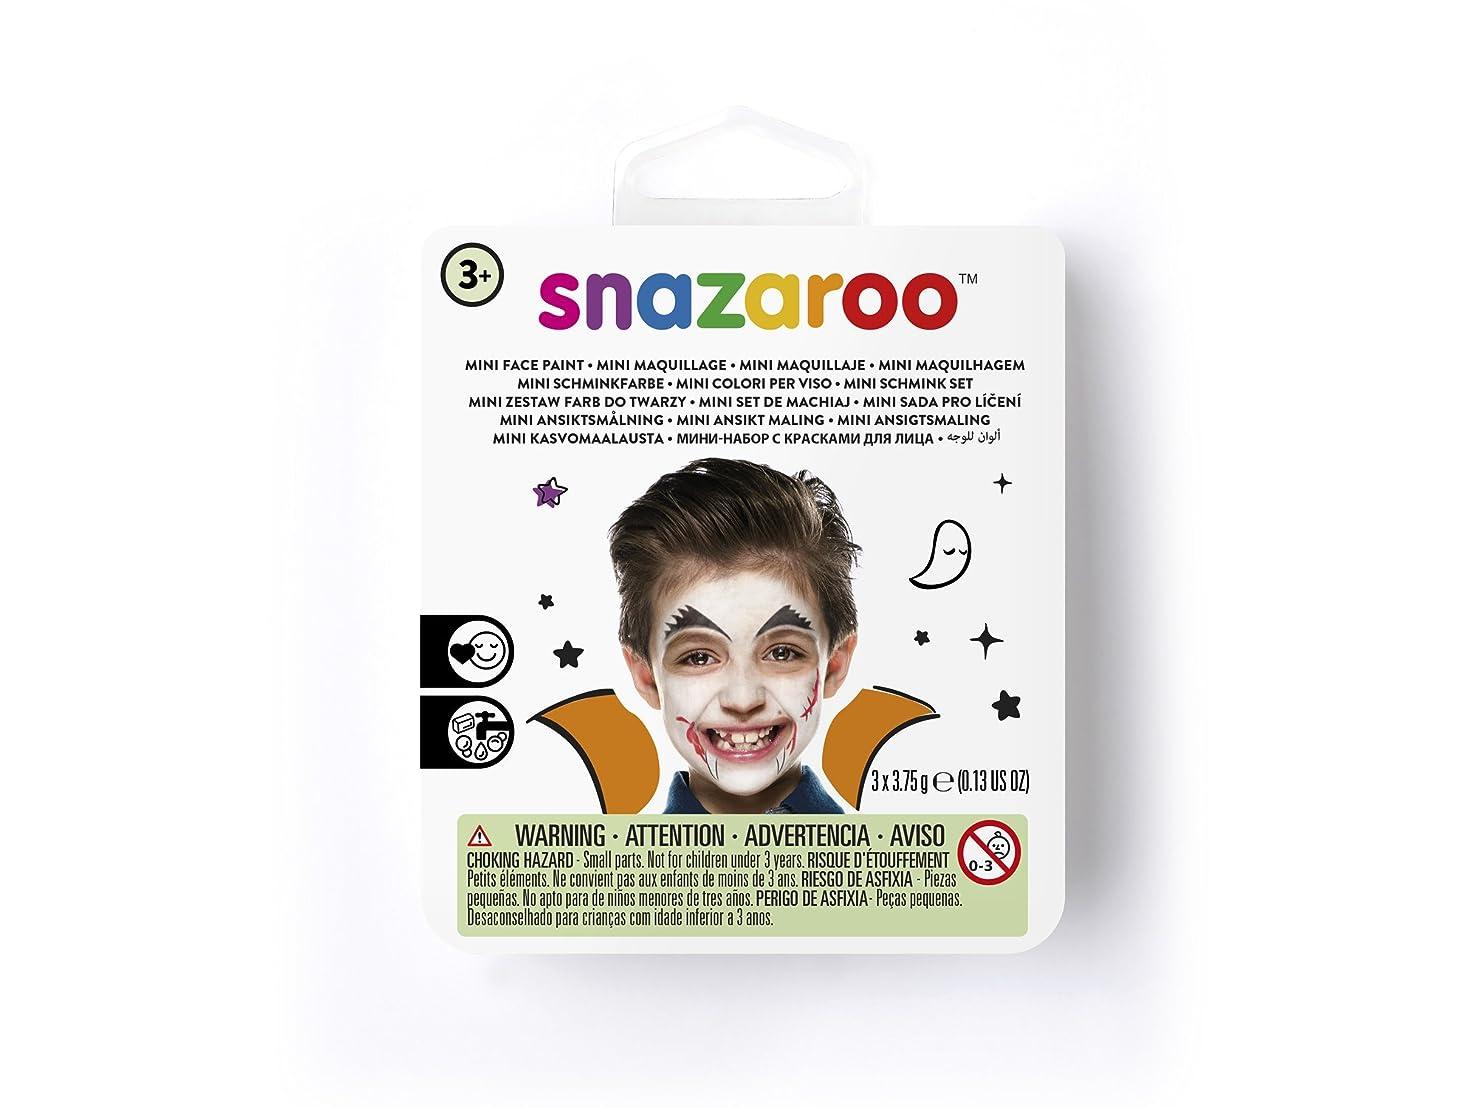 Snazaroo Vampire Face Paint Theme Kit